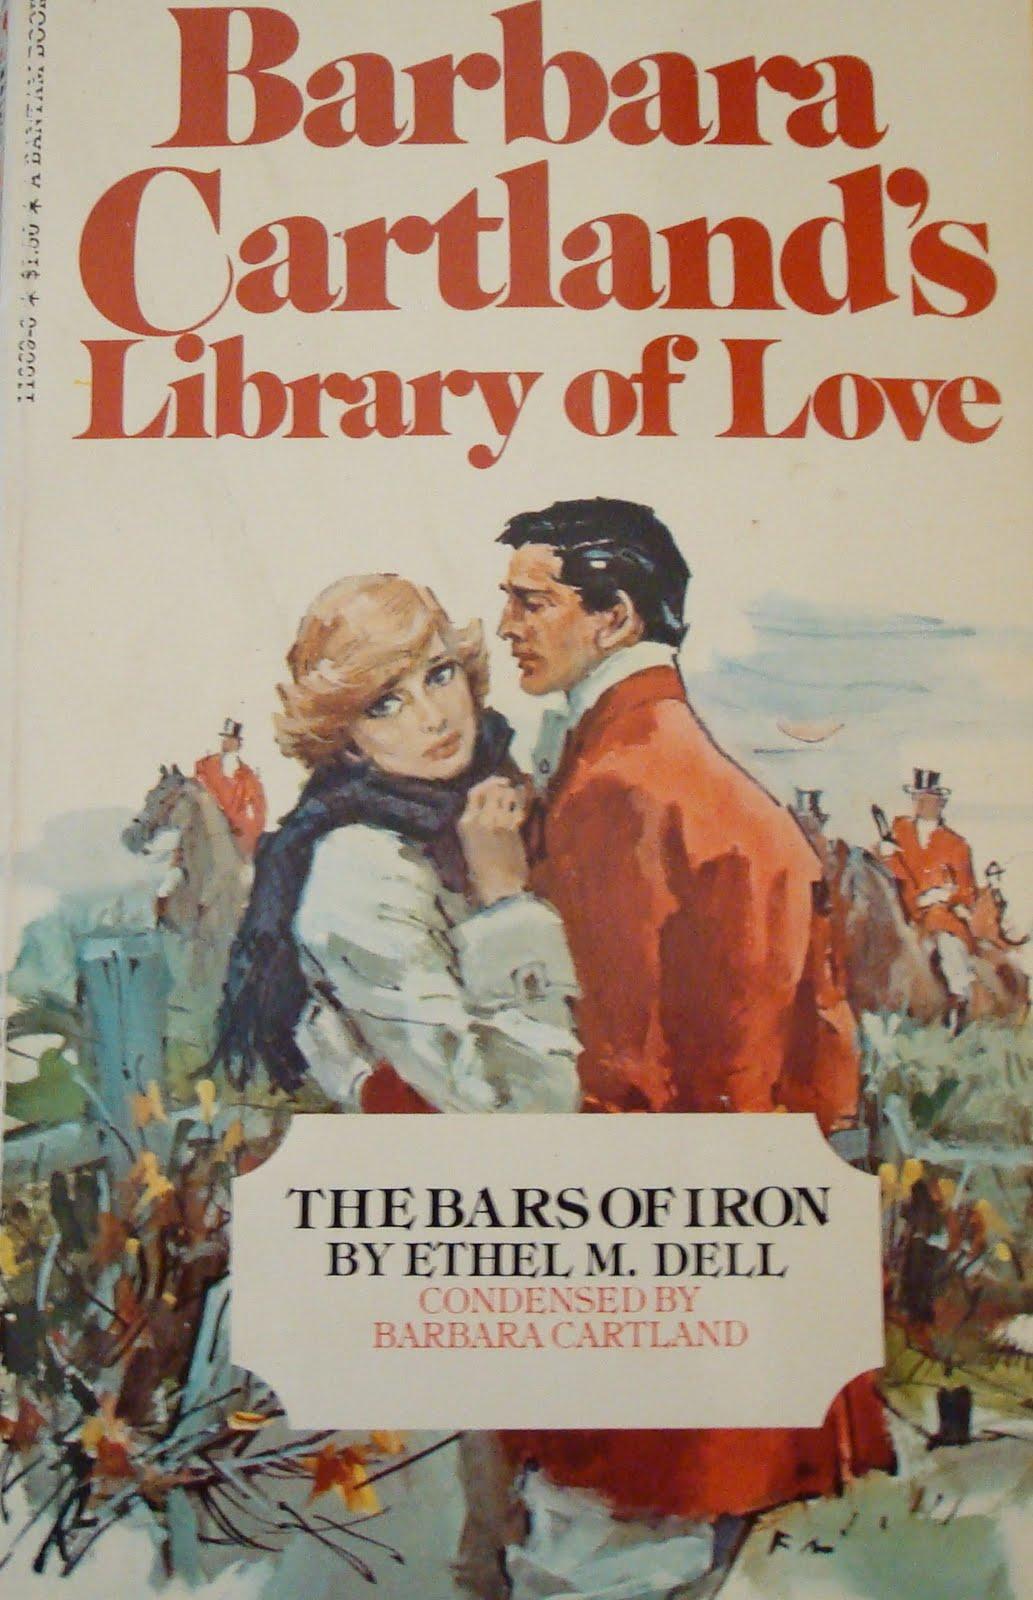 Barbara Cartland Books And Cover Art May 2010